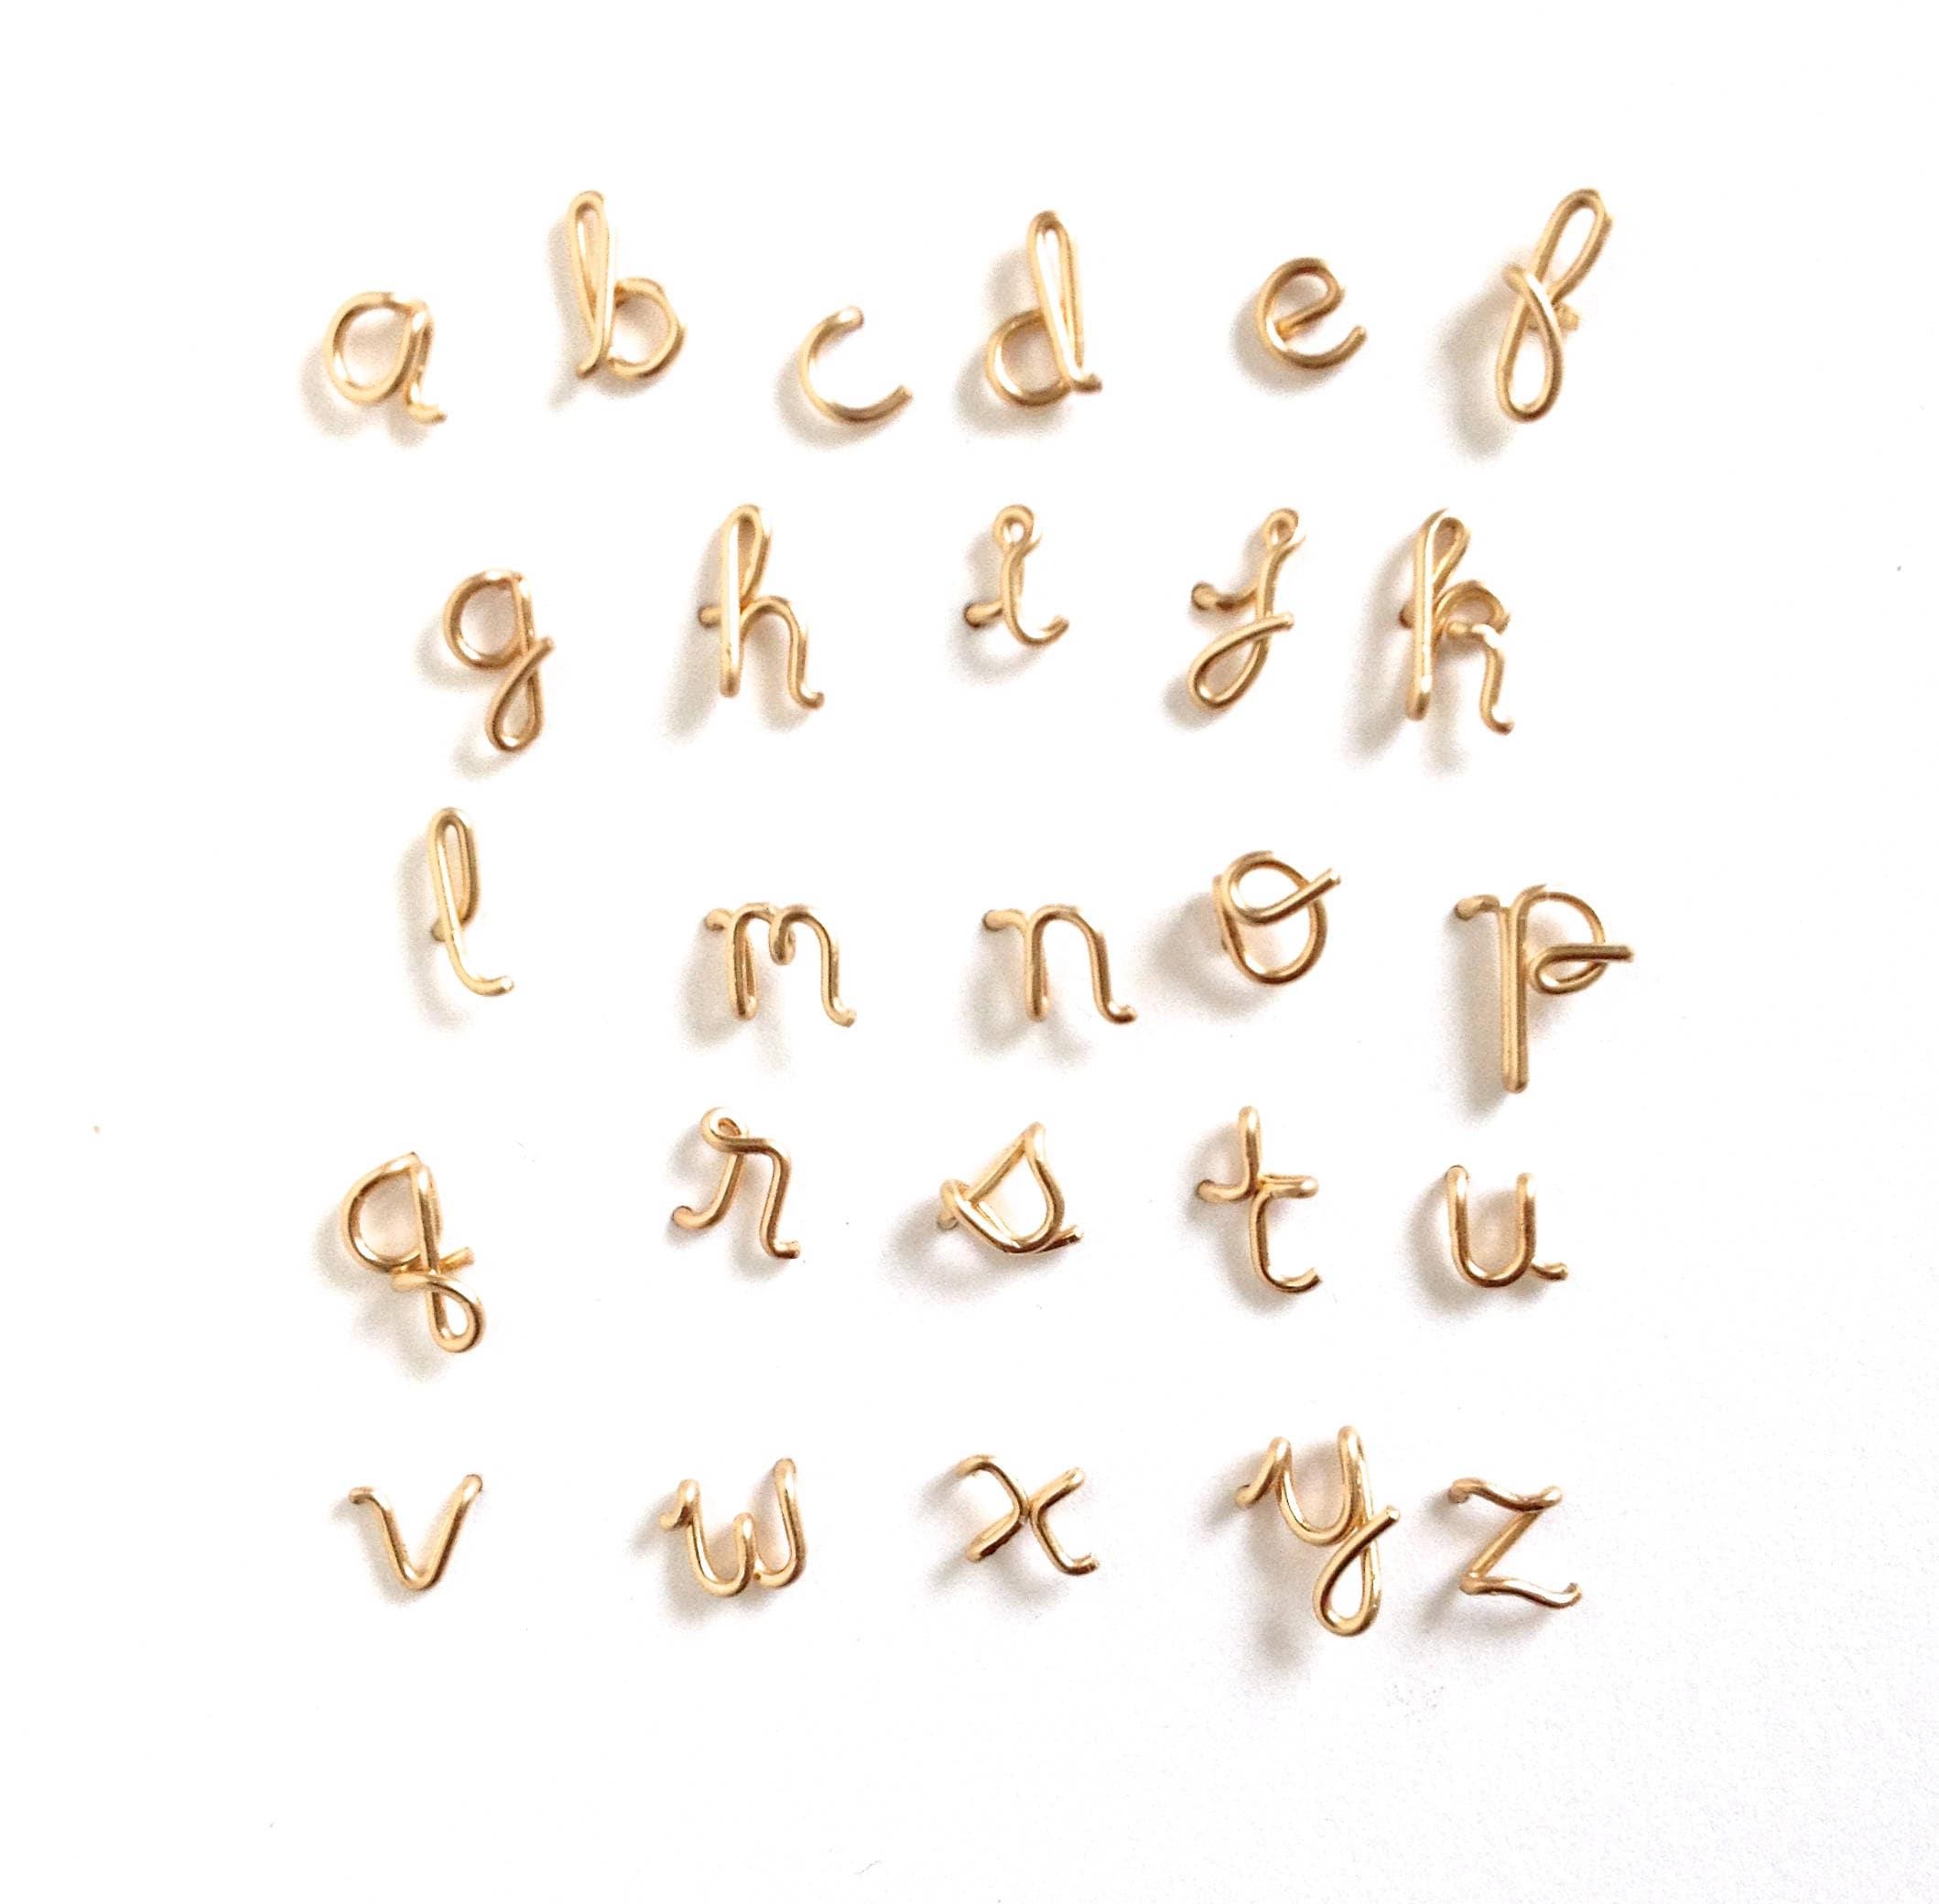 Einzel Gold erste Ohrstecker. Kleinbuchstaben gold Buchstaben